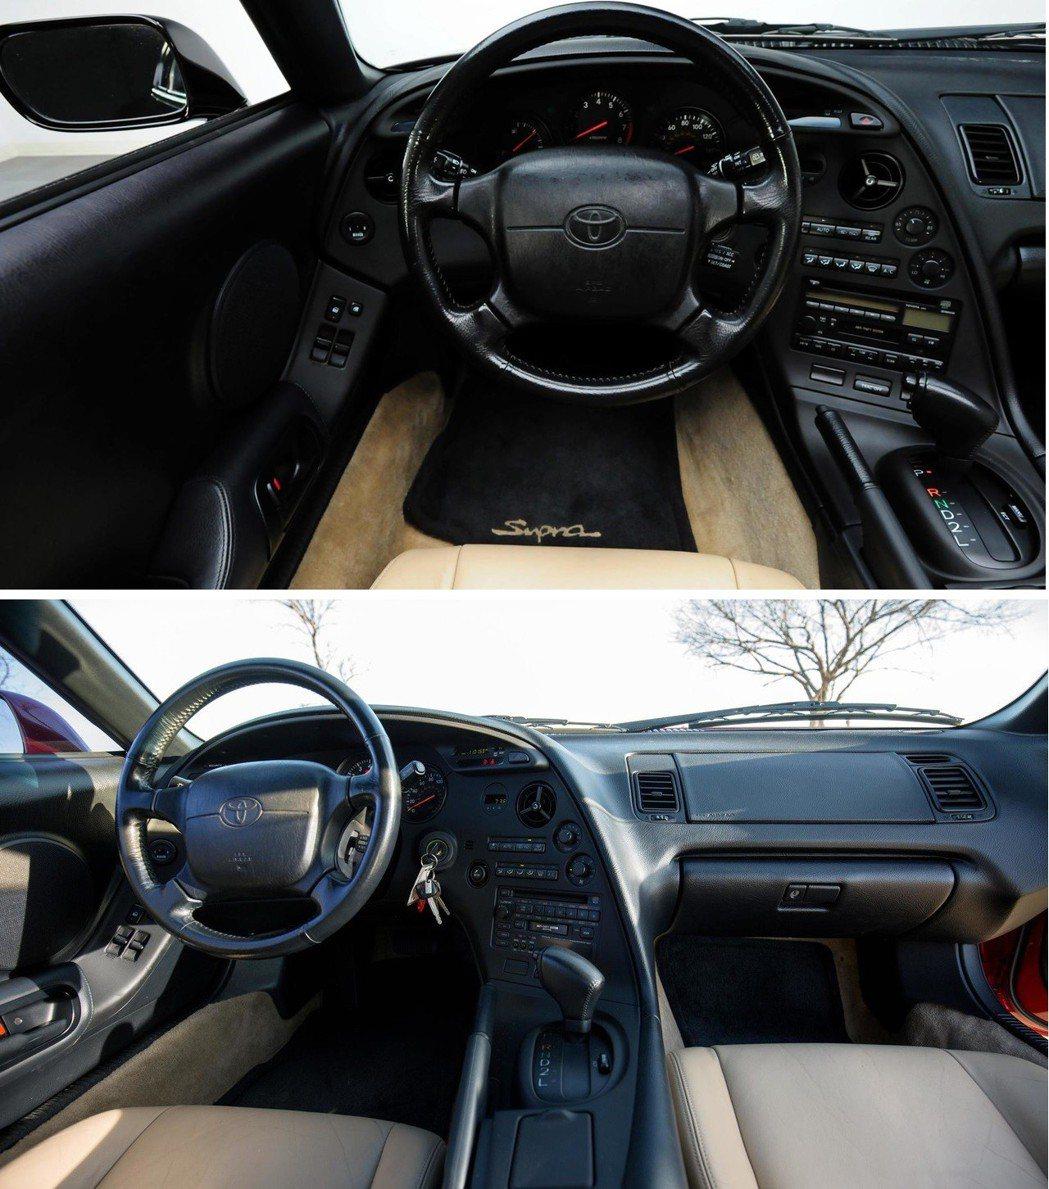 上一代Toyota Supra駕駛艙有如戰鬥機一般的包覆感。 摘自Motor1